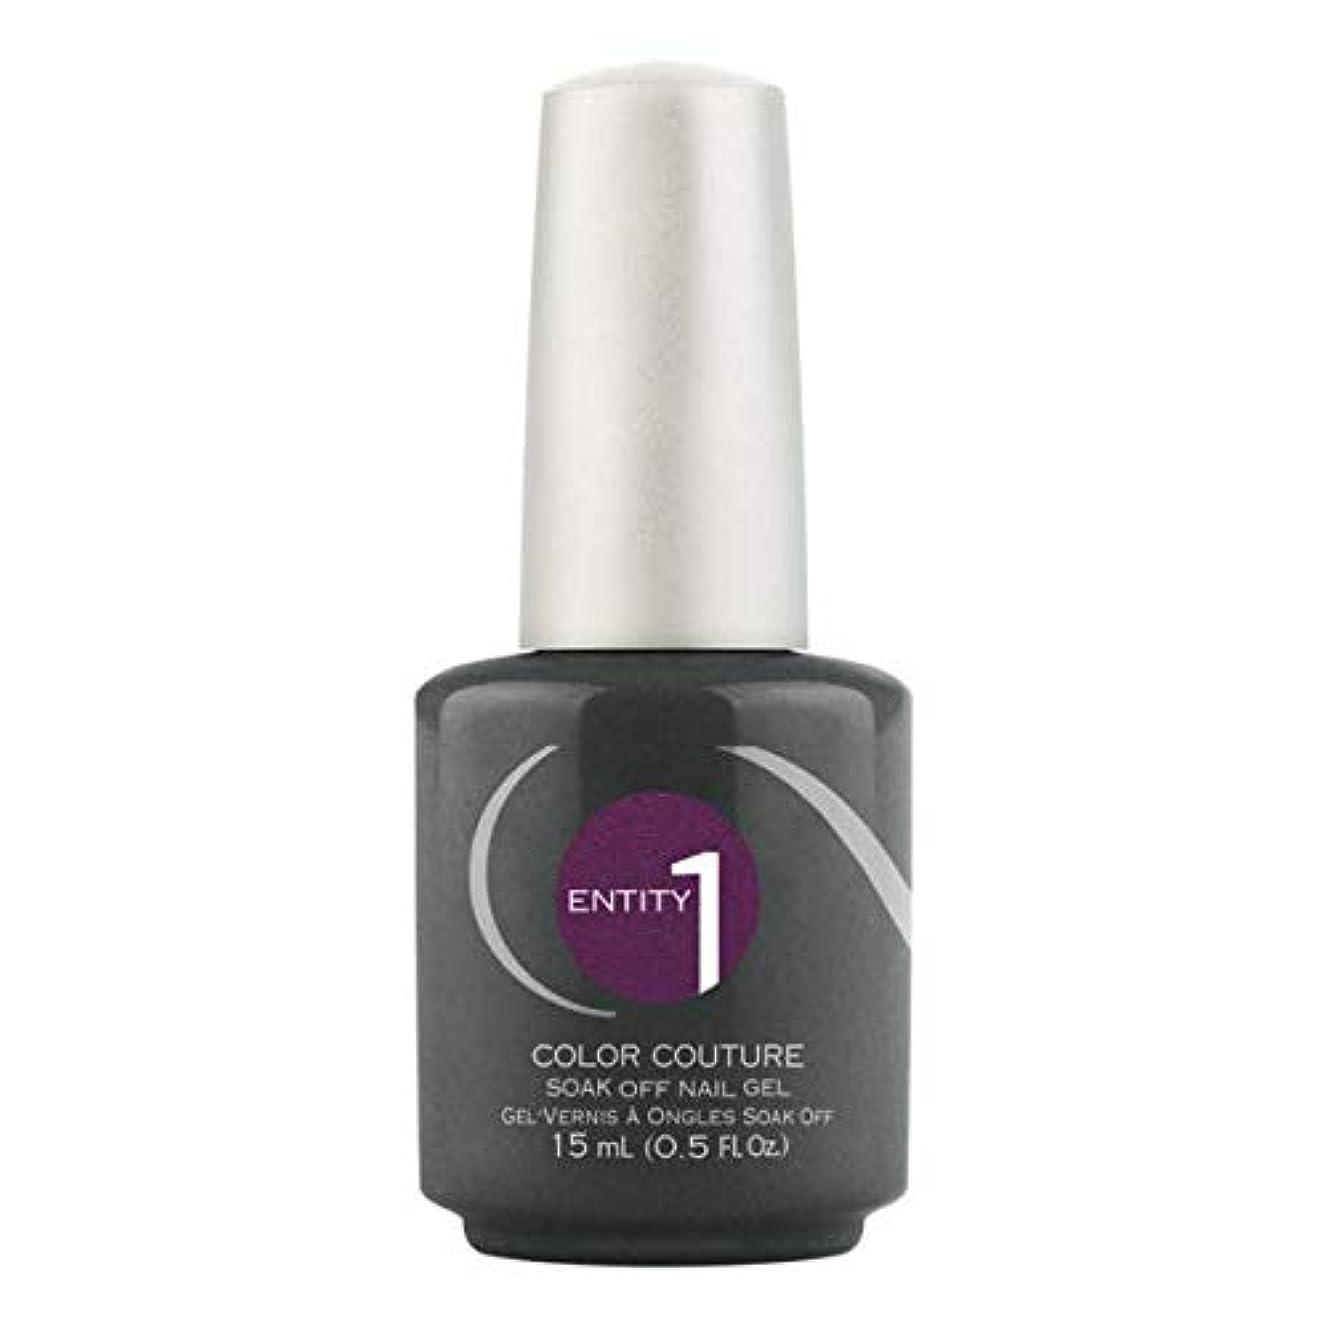 すべて悔い改め四半期Entity One Color Couture Gel Polish - Posh Pixie - 0.5oz / 15ml